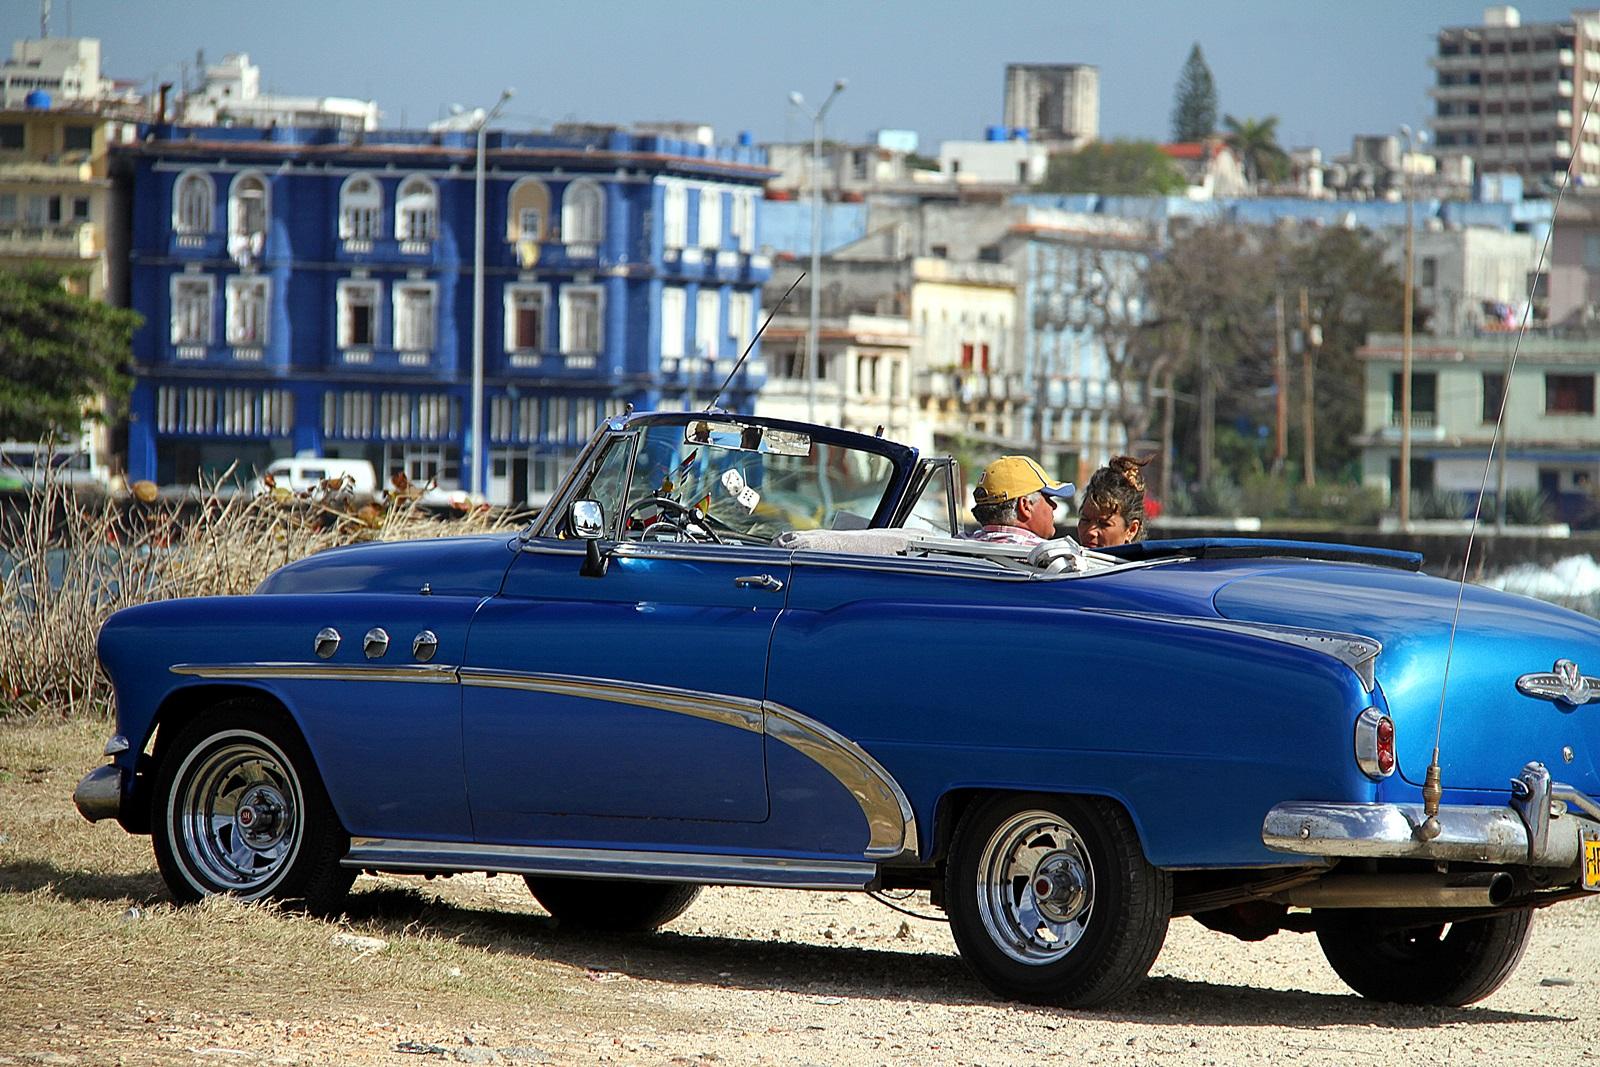 det blir både ferie med familen og fiske på Cuba denne gangen